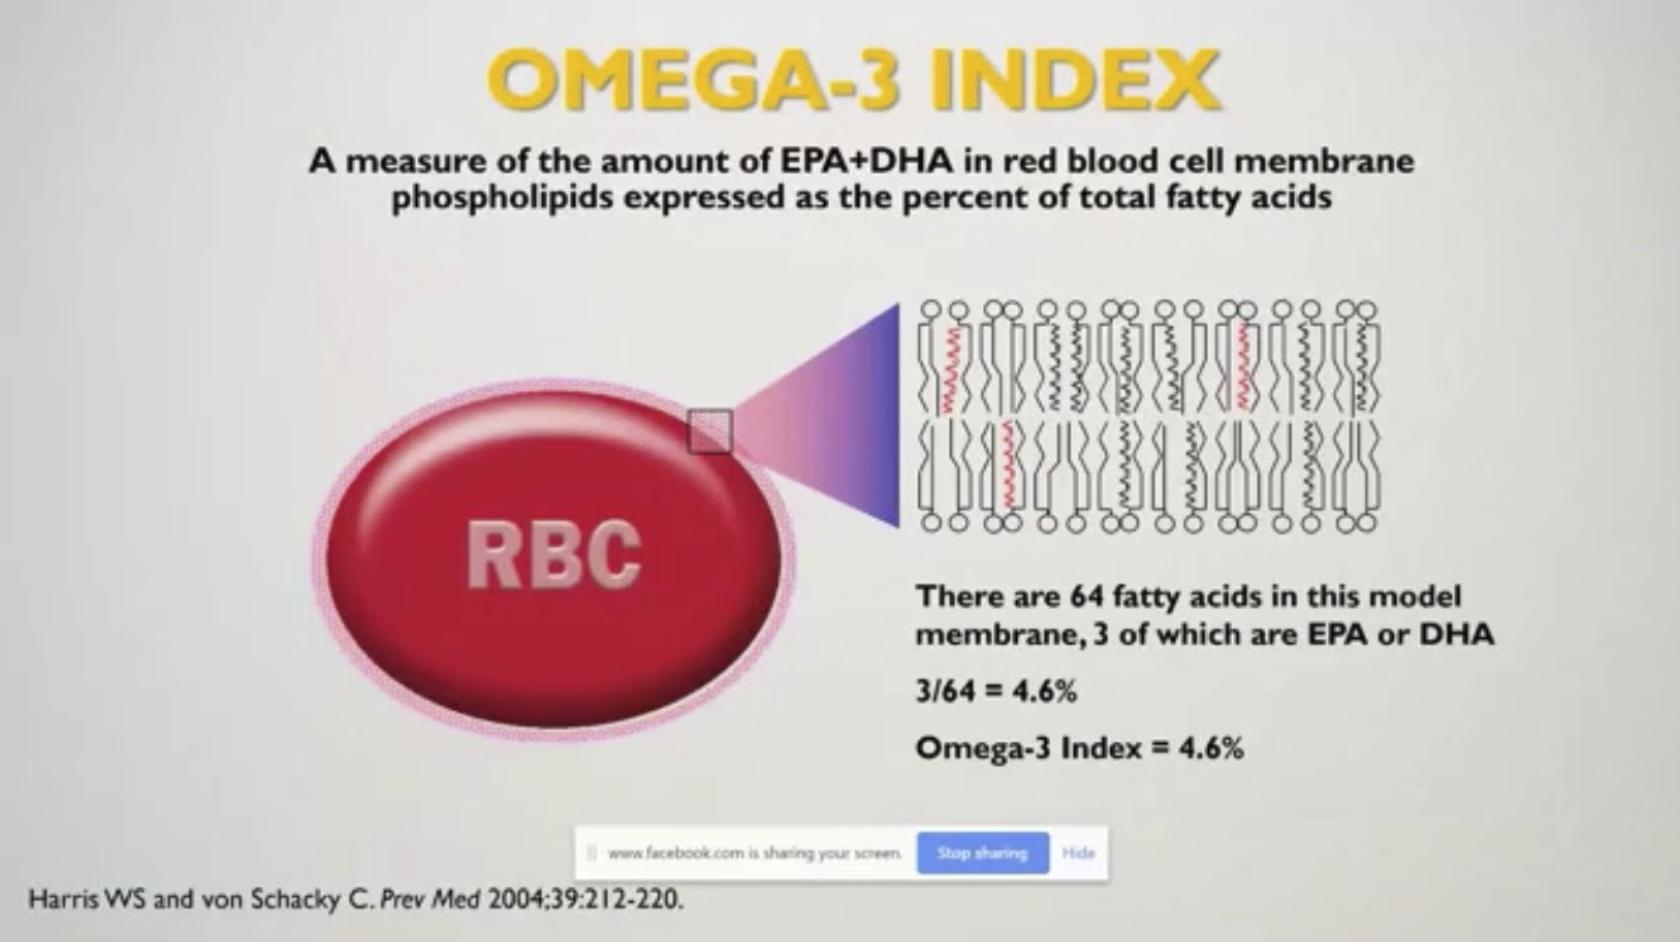 รูปที่ 1 : Omega-3 Index คือการวัดปริมาณกรดไขมันจำเป็น Omega-3 (EPA+DHA) บนผนังเซลล์เม็ดเลือดแดง โดยวัดเป็นเปอร์เซ็นต์ของปริมาณกรดไขมันทั้งหมดที่ประกอบกันเป็นผนังเซลล์เม็ดเลือดแดง ซึ่งมีประโยชน์เป็นอย่างมากในการทำนายความเสี่ยงของโรคหลอดเลือดหัวใจและสมอง